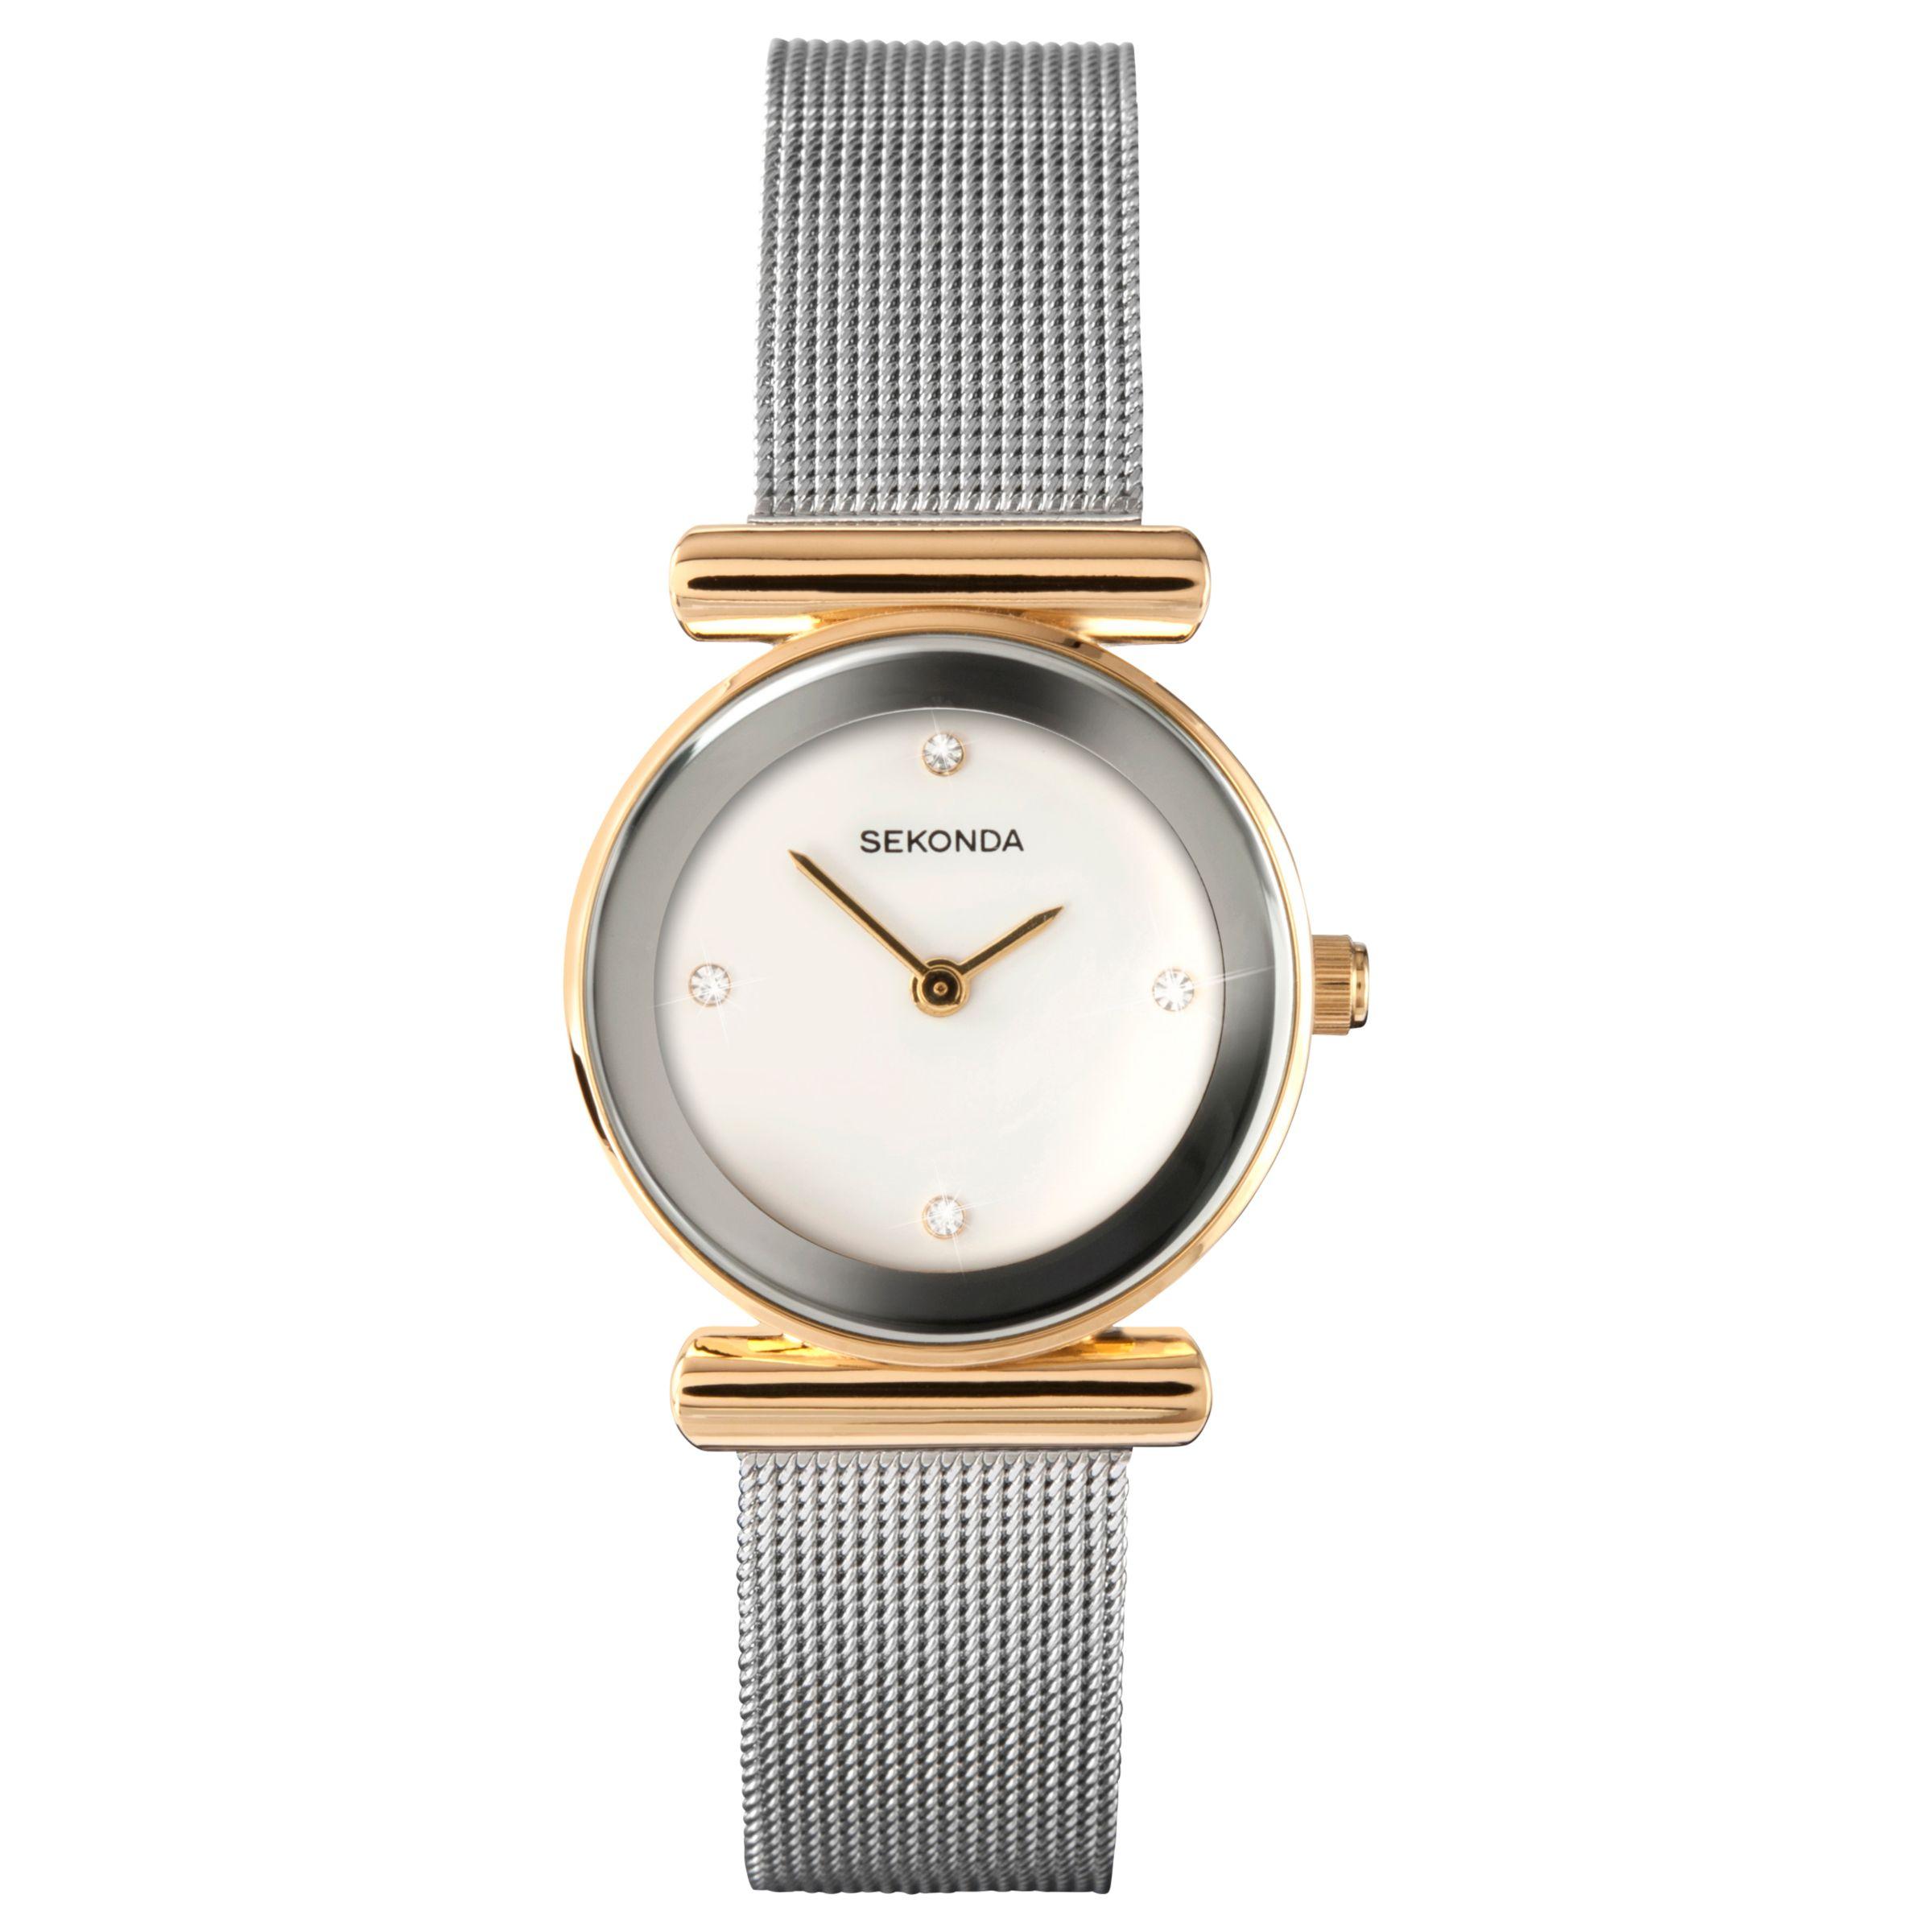 Sekonda Sekonda 4887.00 Women's Mesh Bracelet Strap Watch, Silver/White